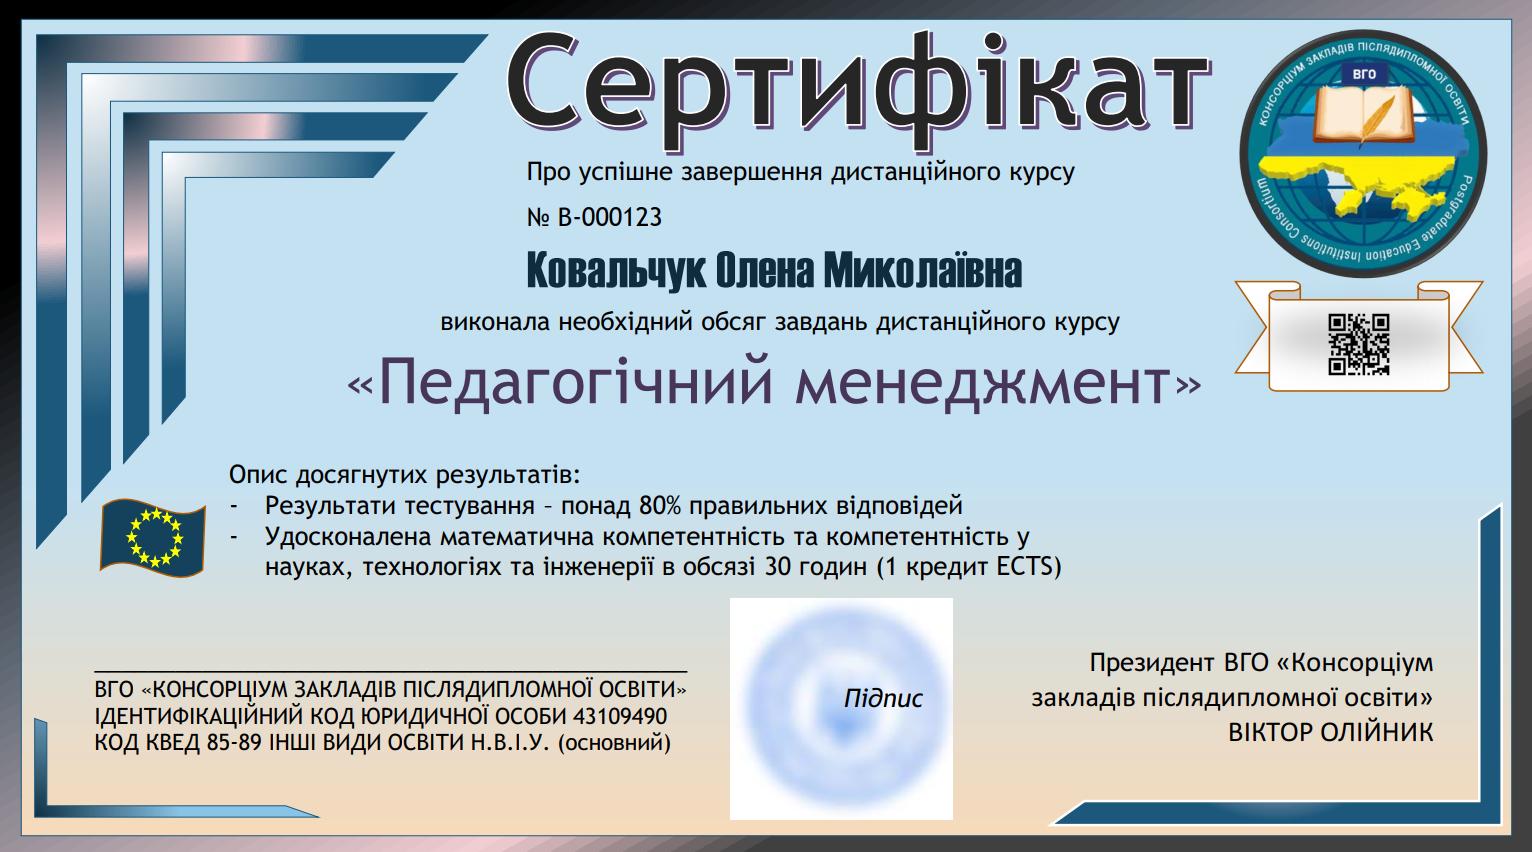 Приклад сертифікату